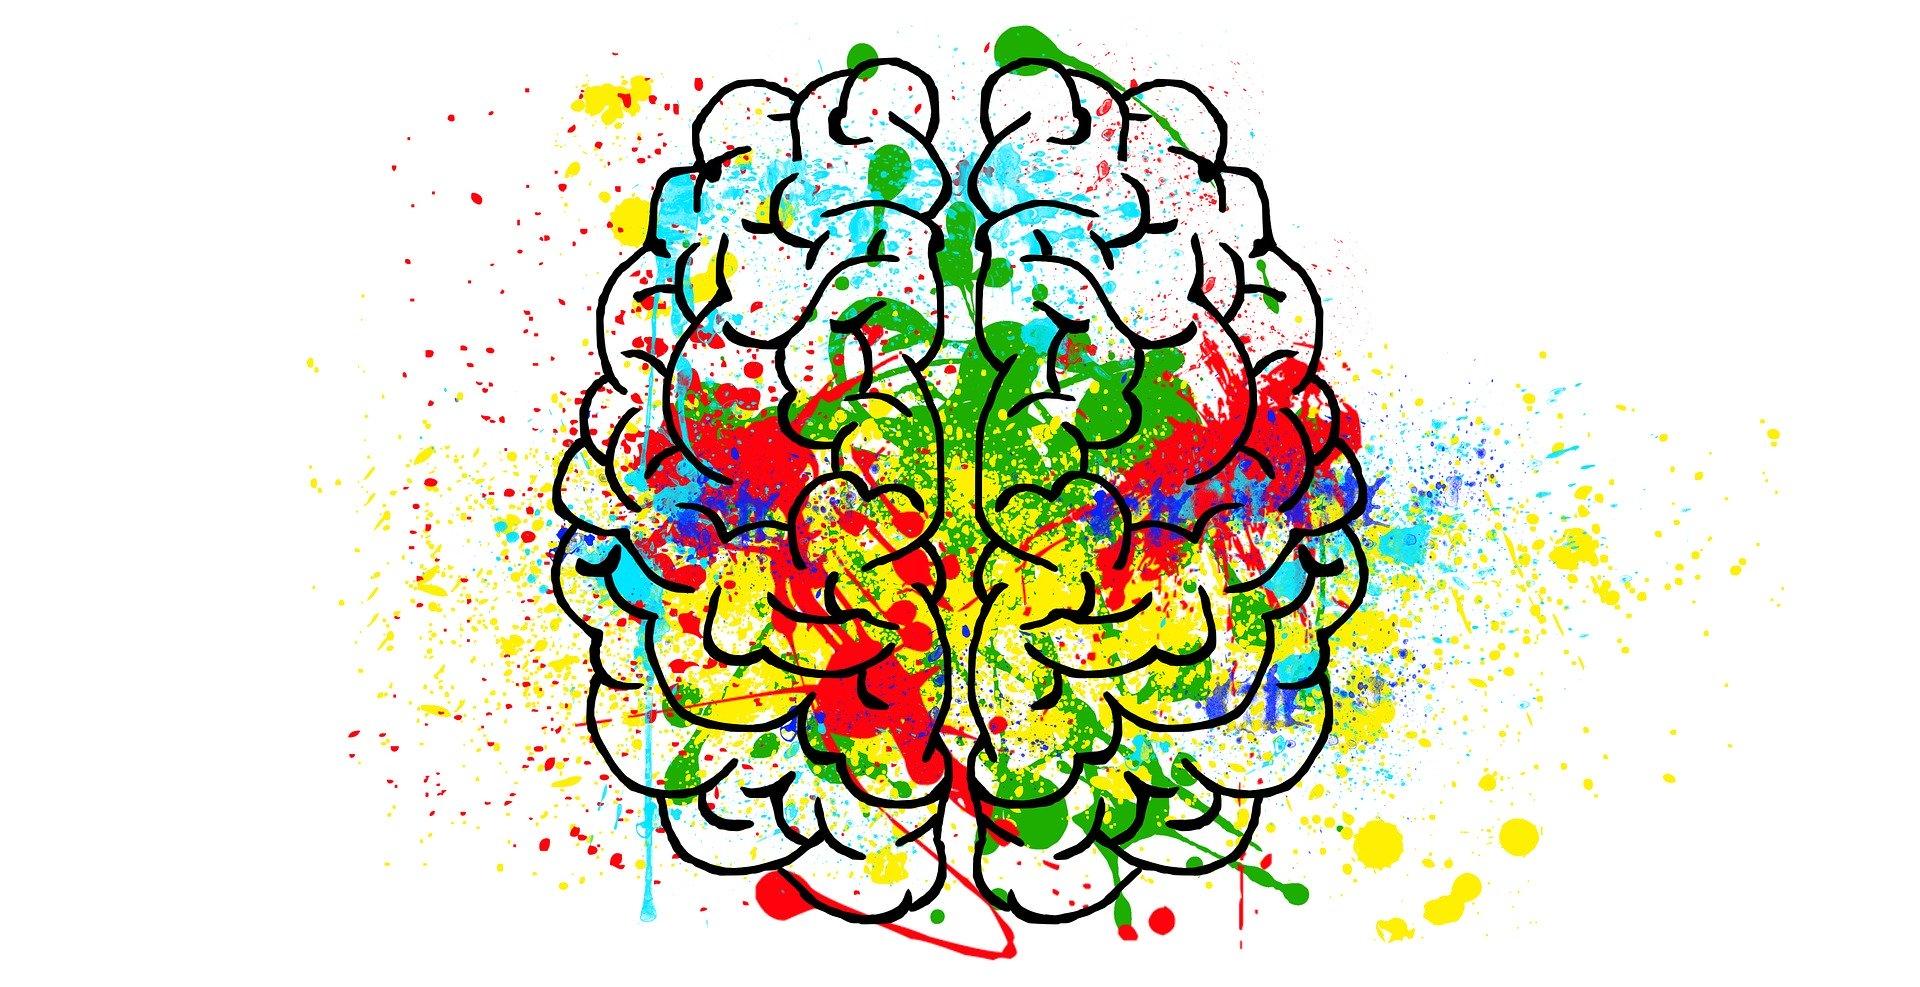 La plasticité cérébrale du cerveau dans l'apprentissage ...